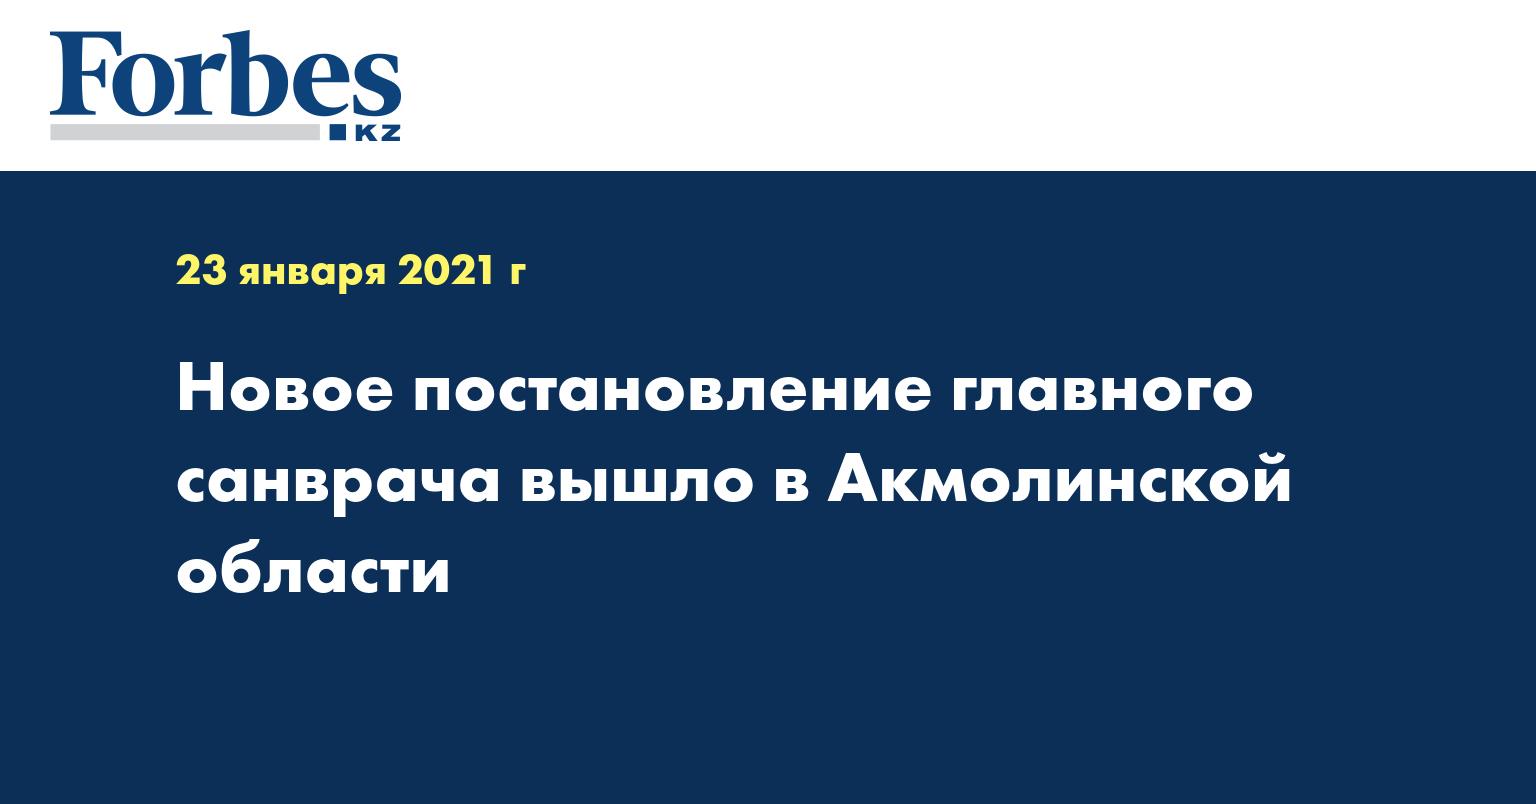 Новое постановление главного санврача вышло в Акмолинской области